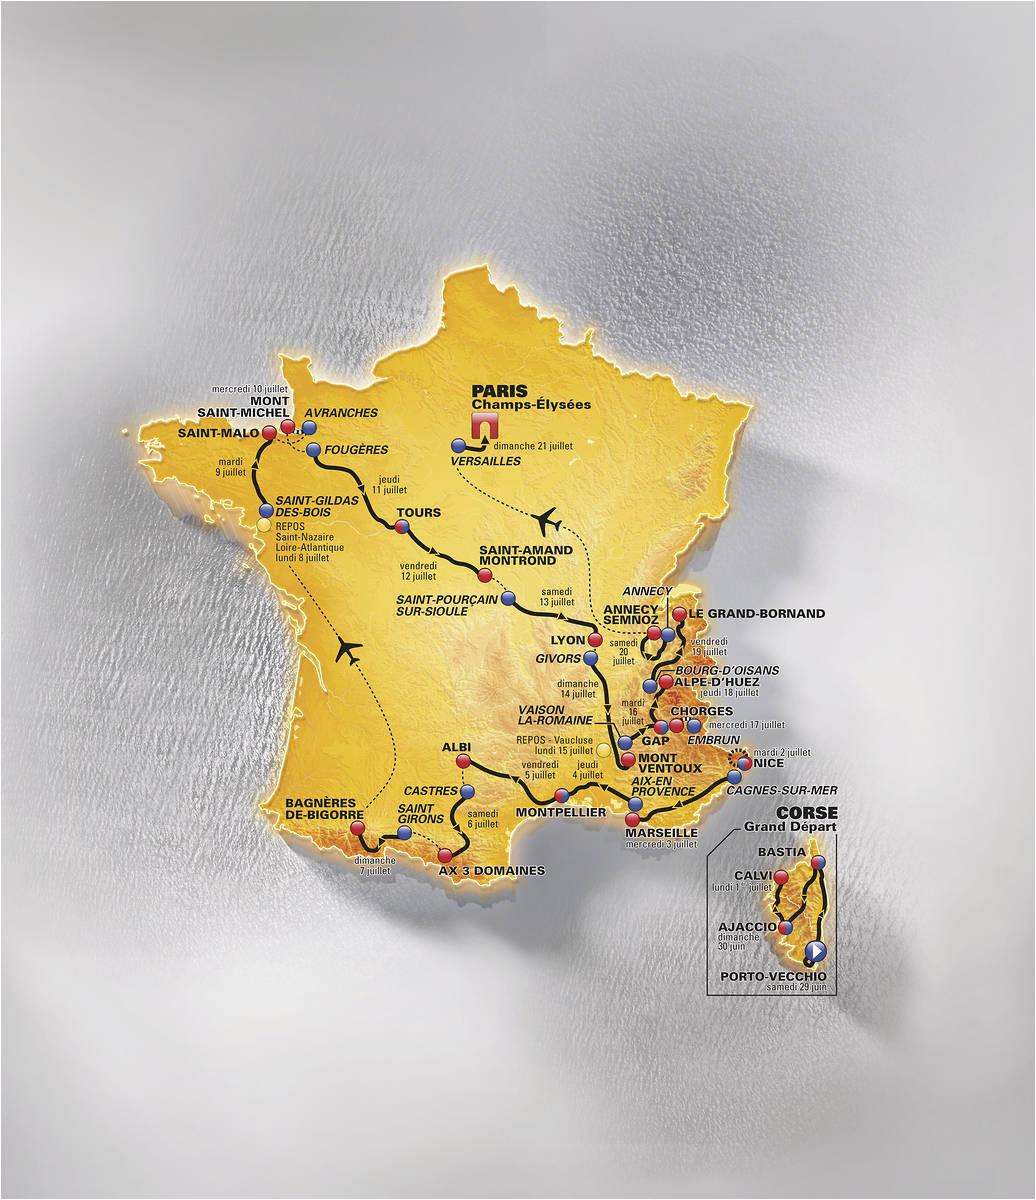 Tour De France Route 2013 Map tour De France 2013